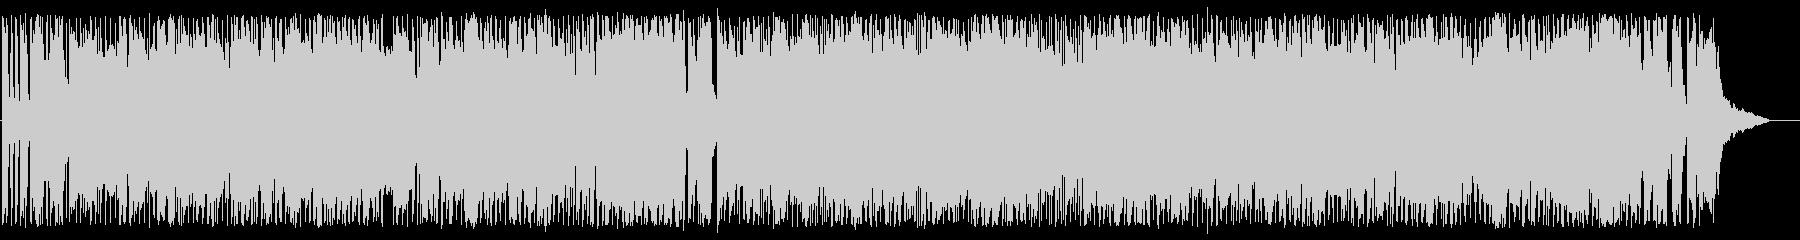 ジングルベル(acoustic)の未再生の波形